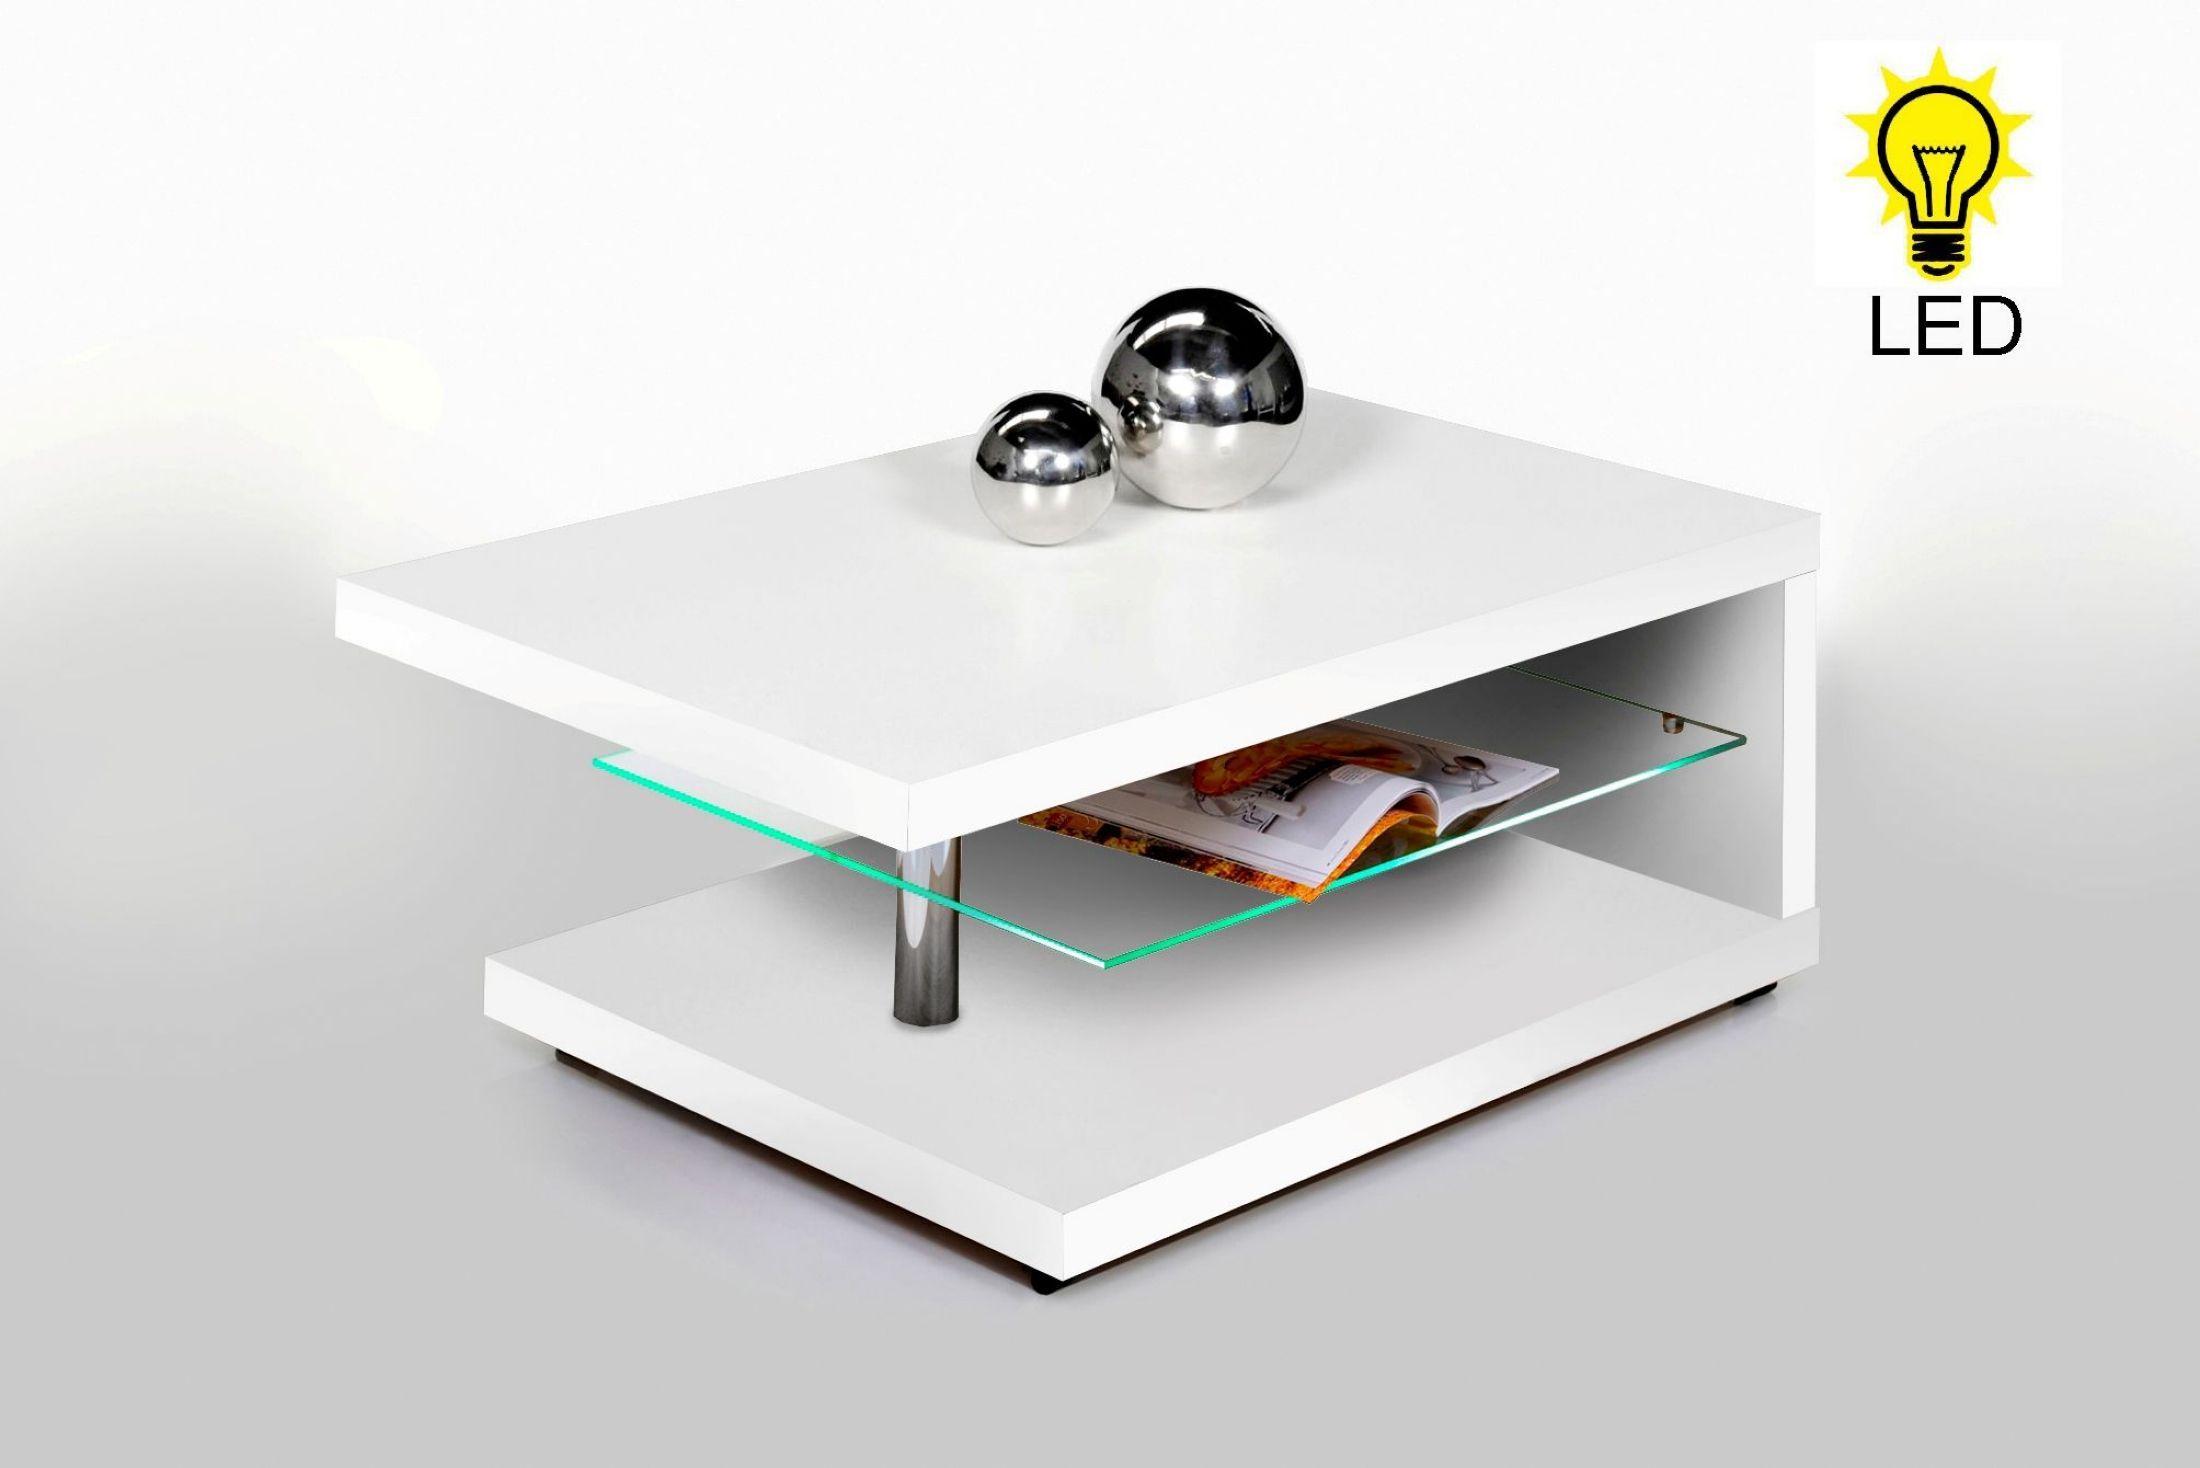 Couchtisch Beistelltisch Salontisch In Weiss Mit Led Beleuchtung